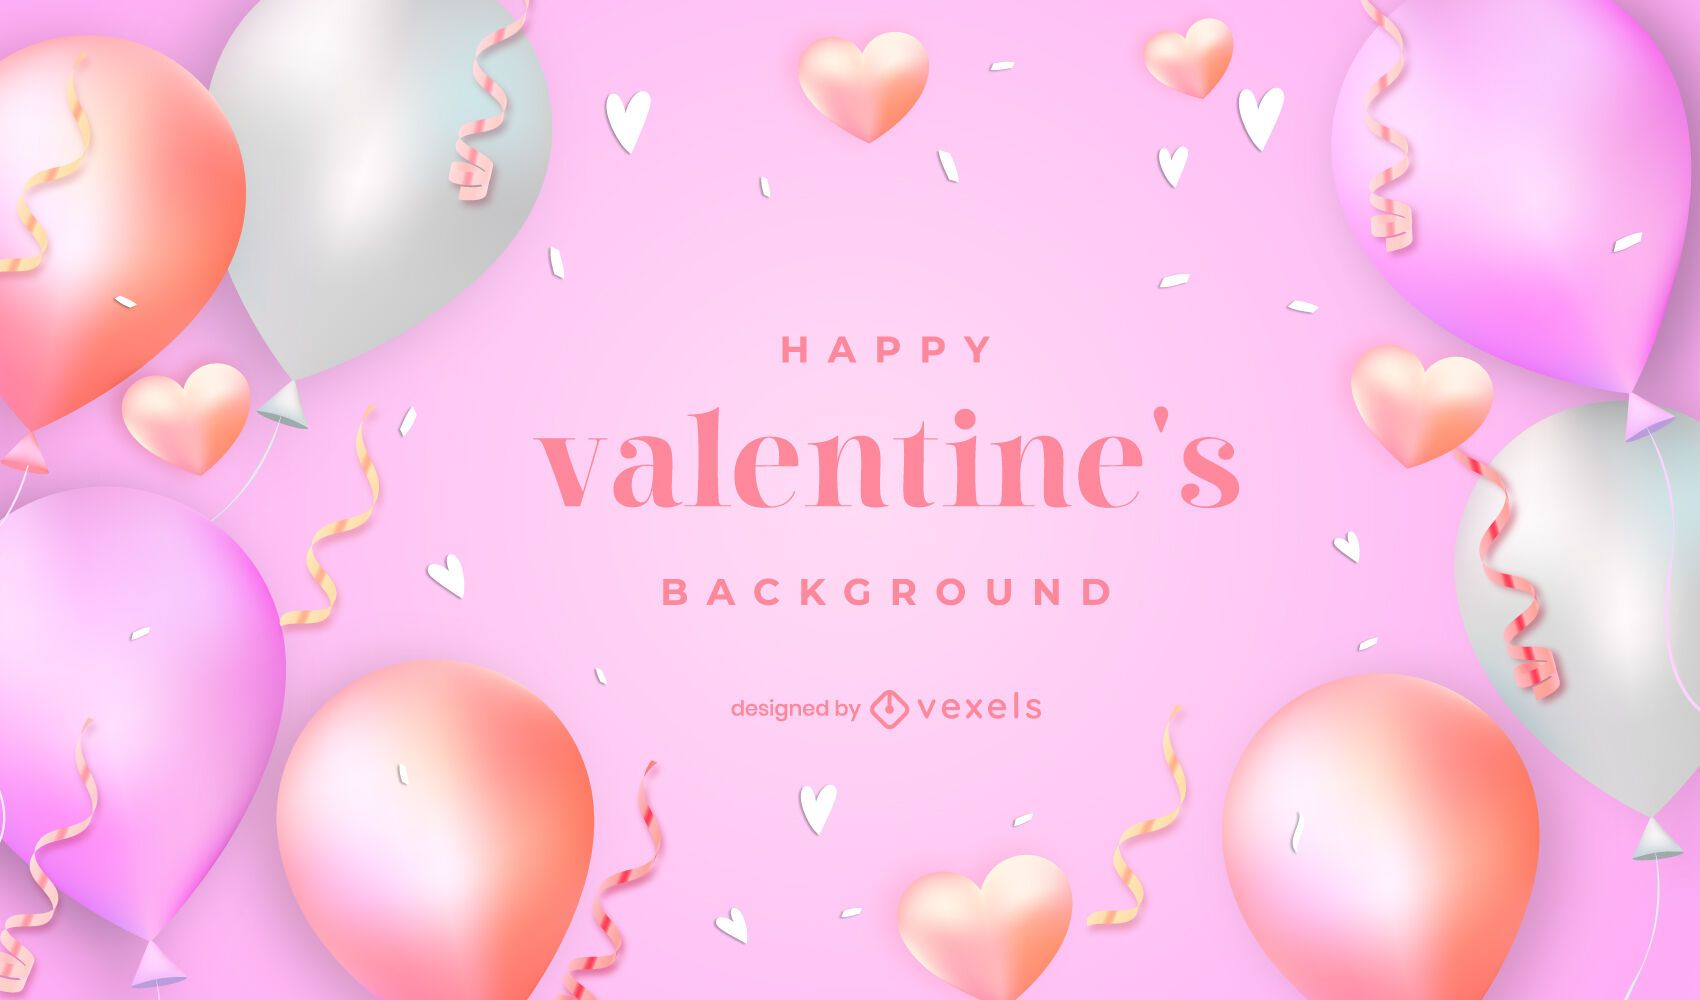 Valentine's day balloons background design